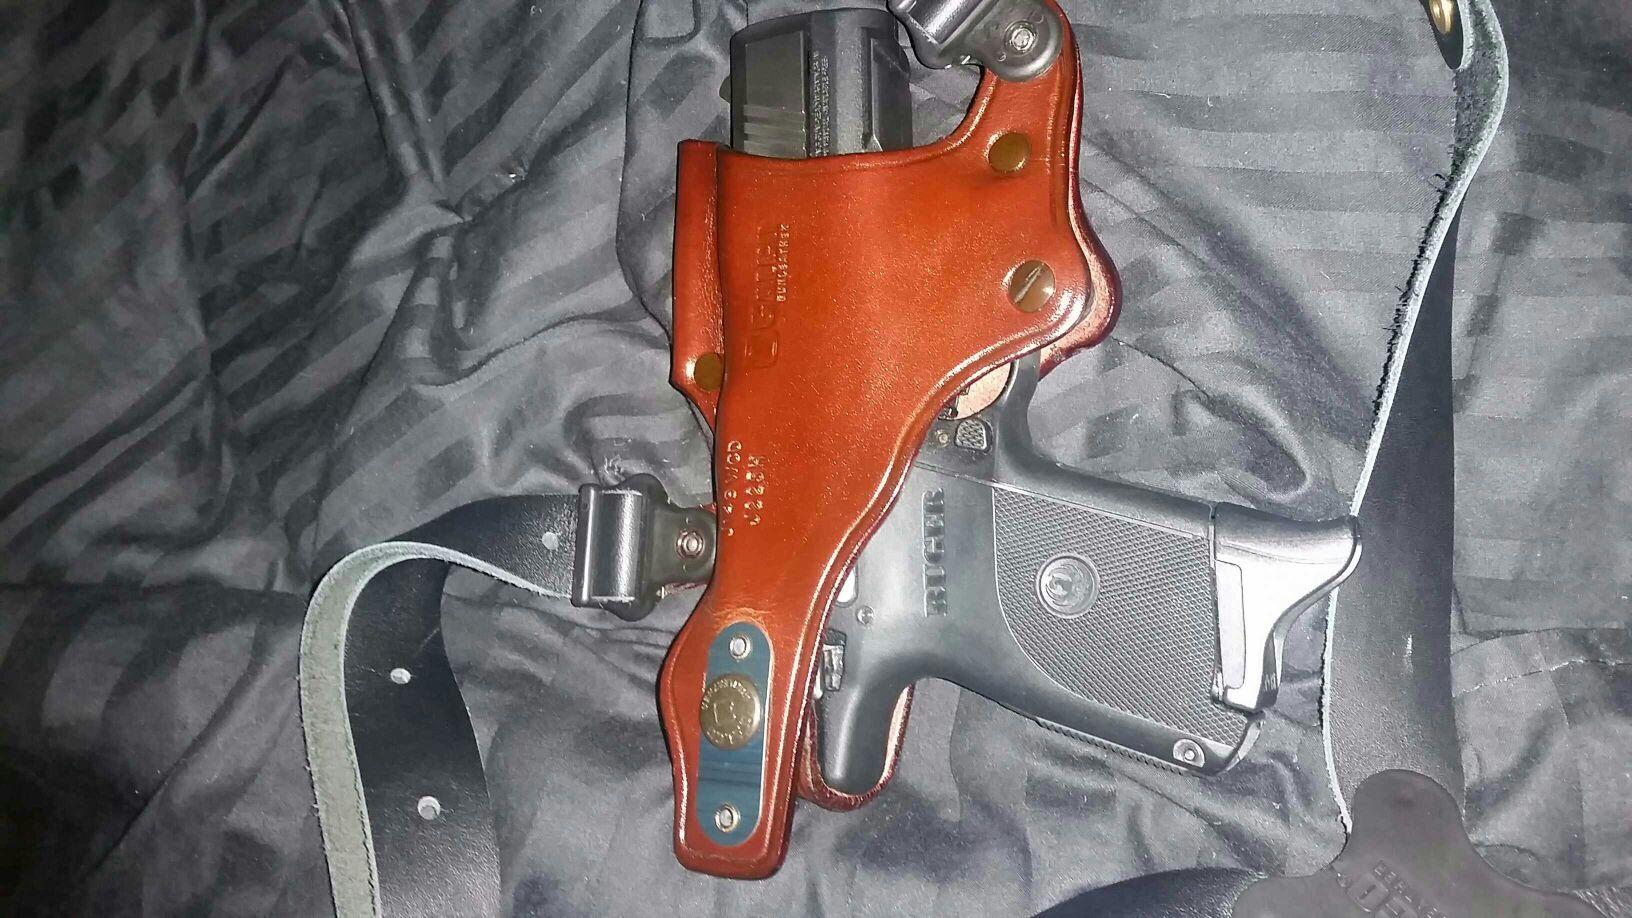 Custom fit holster for ruger sr40c and 9c - Ruger Handgun Forum